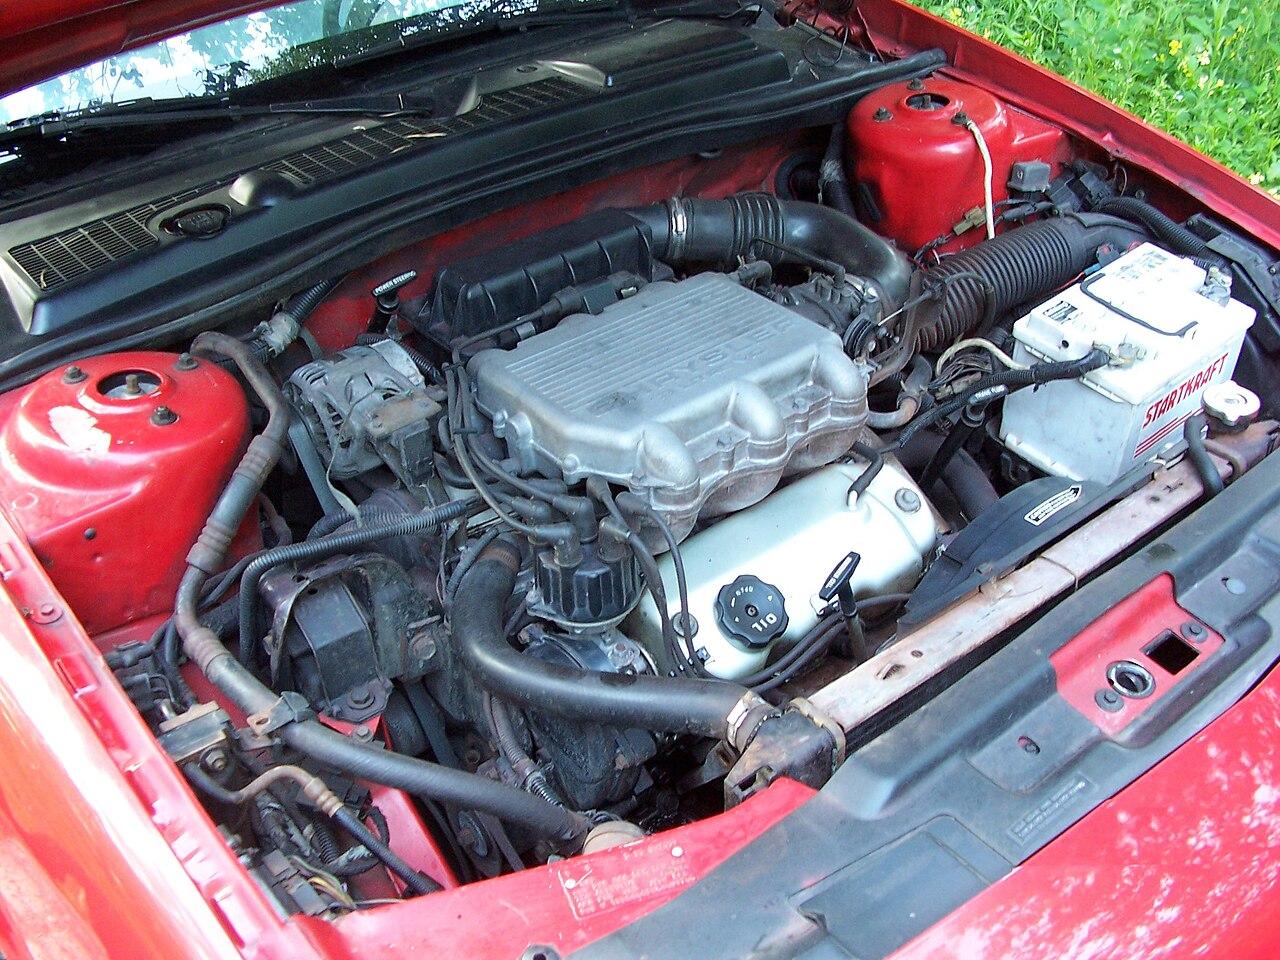 File:Chrysler-Mitsubishi 3.0 V6 6G72 engine.jpg